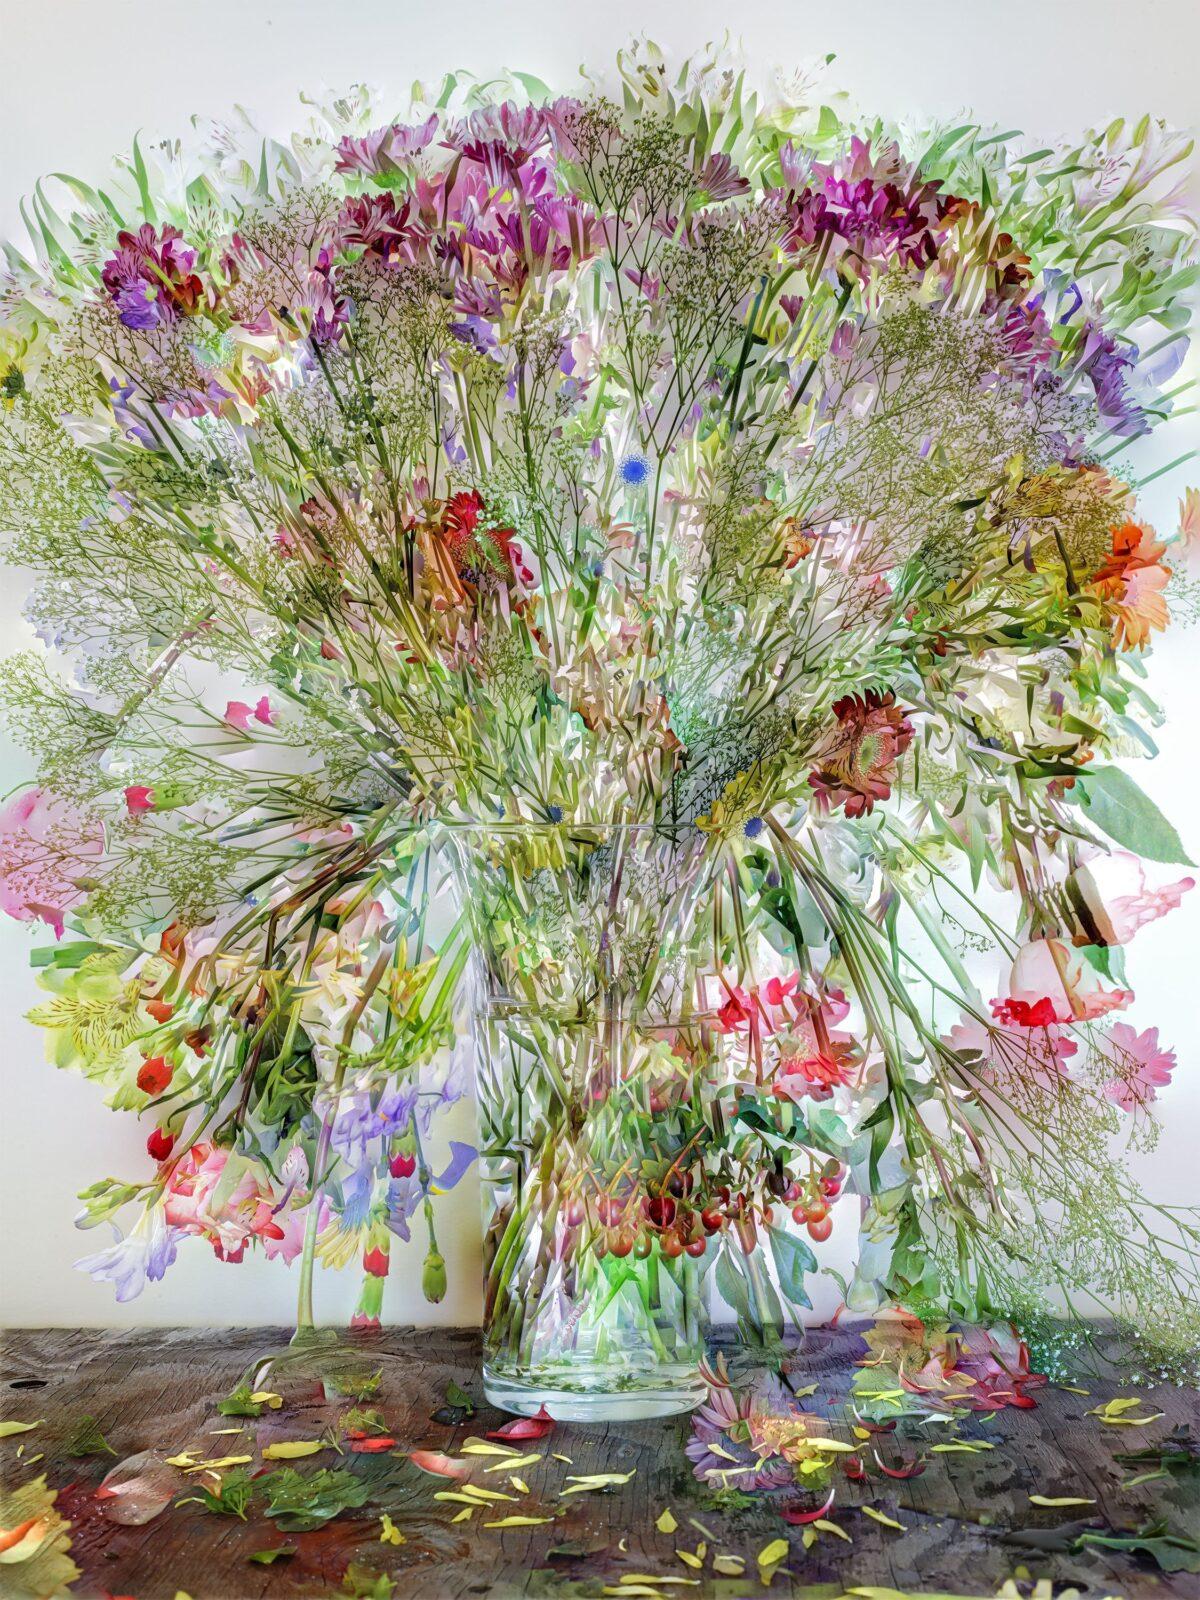 Abelardo Morell Edwynn Houk Gallery